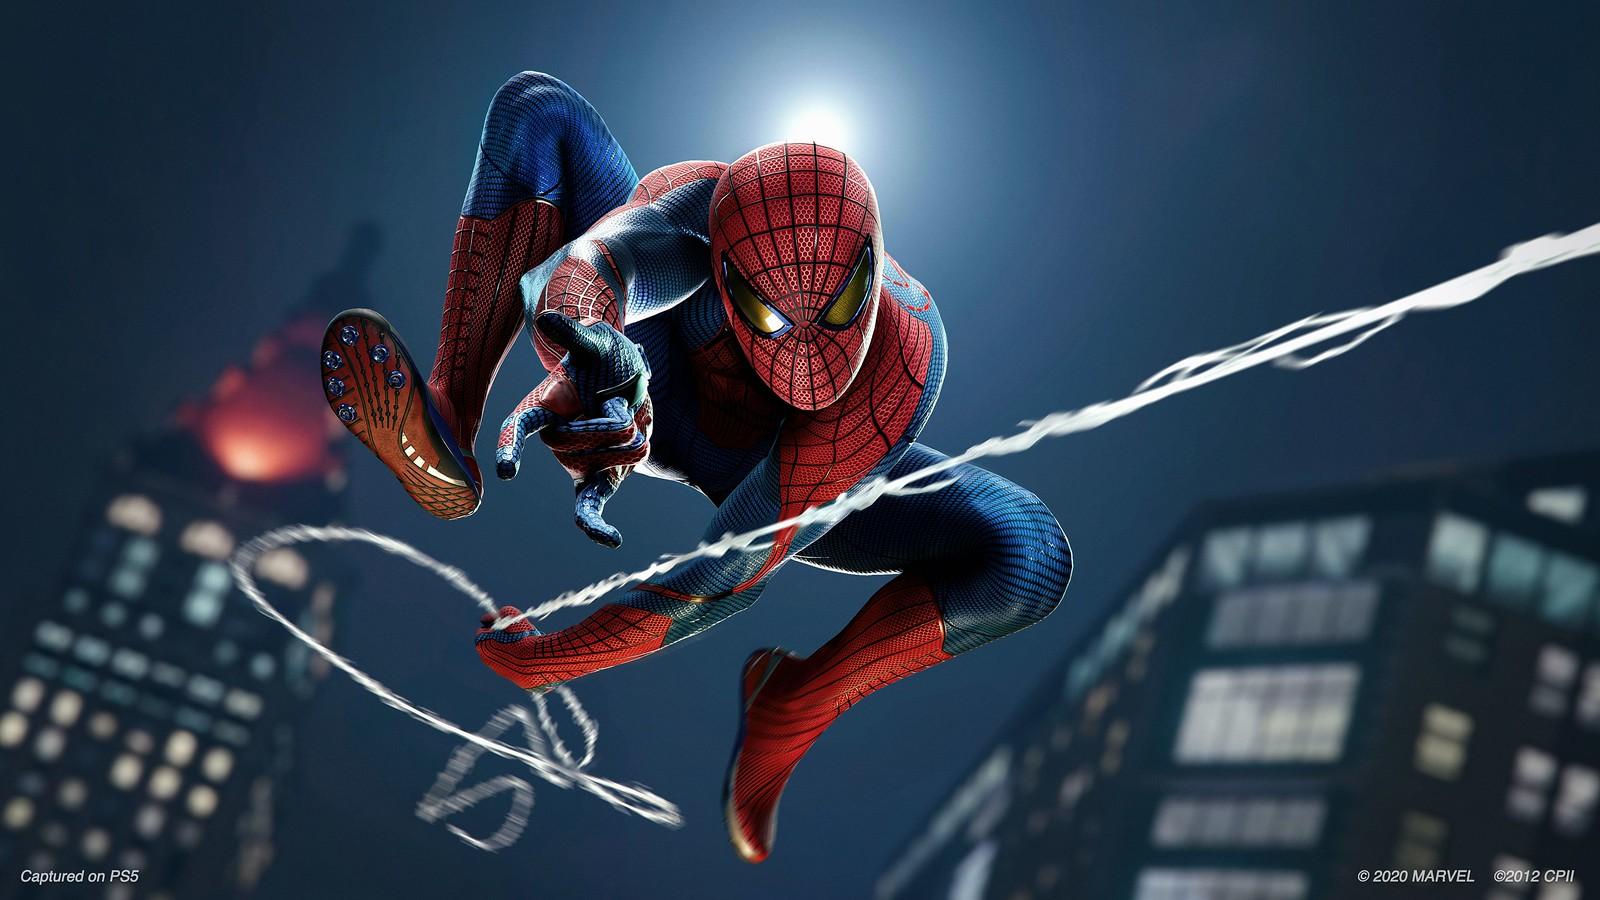 《漫威蜘蛛侠》PS5版官方详情:倾力打造的终极版本